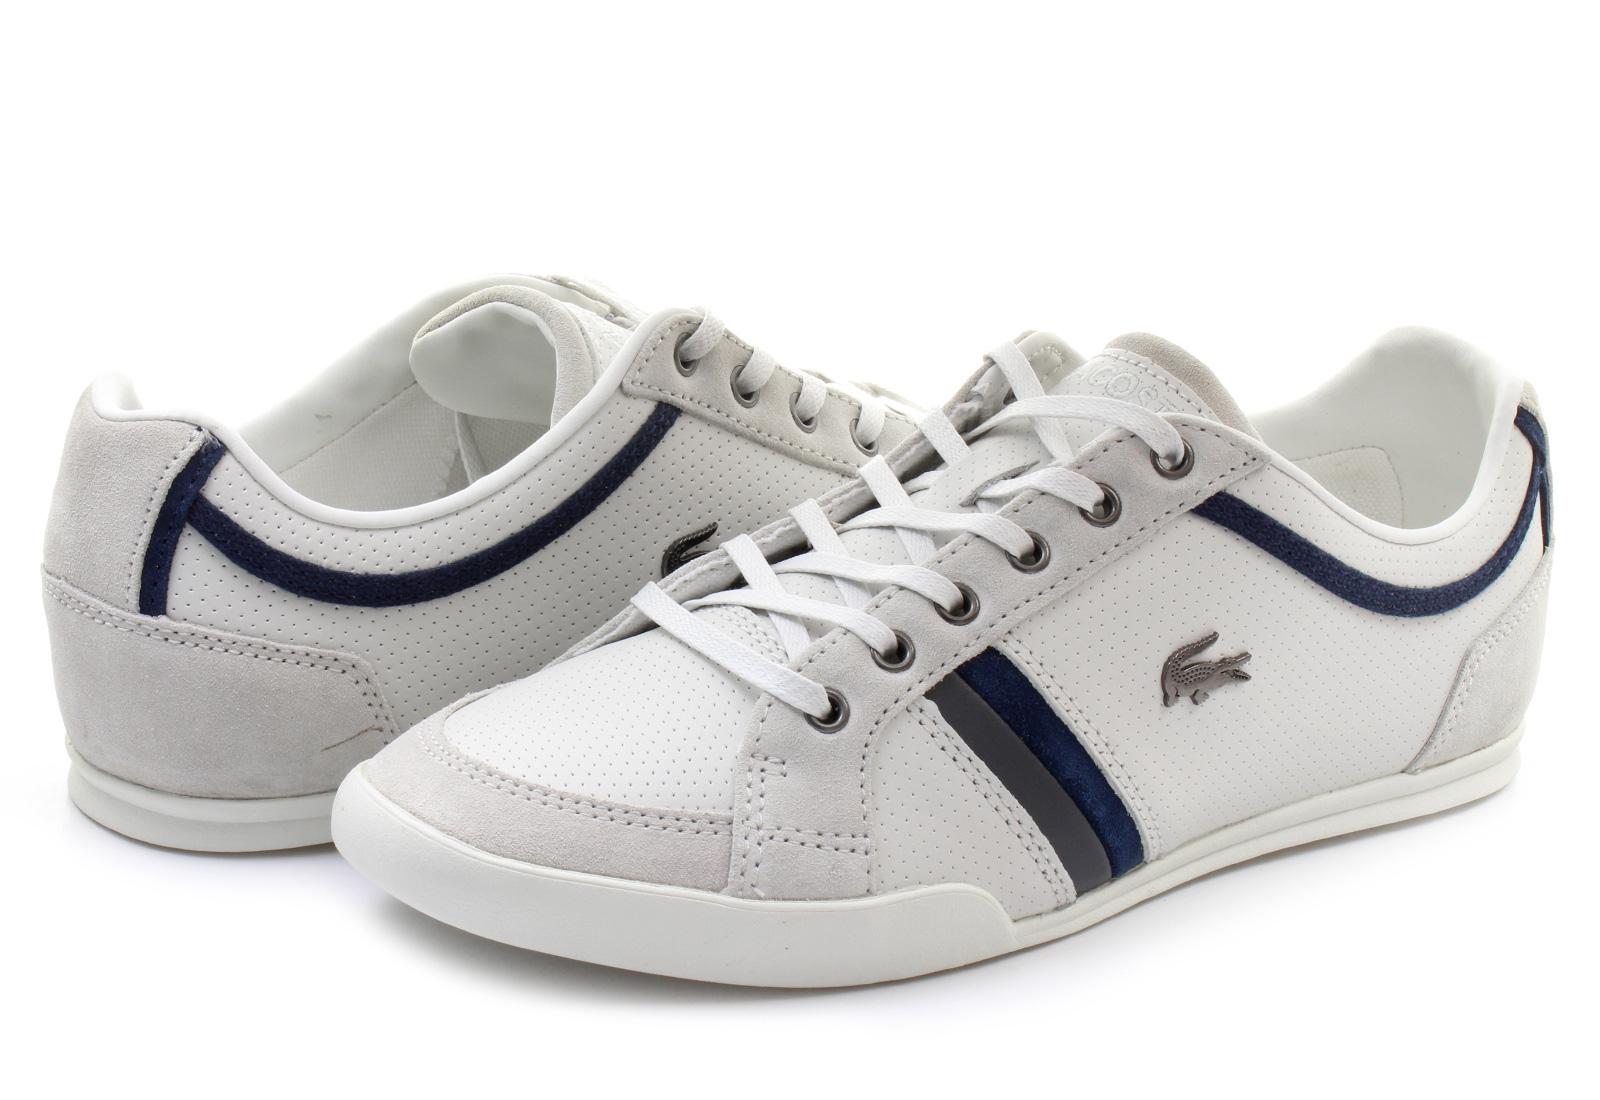 d2ee17d72a9 Lacoste Shoes - Rayford - 151srm2121-098 - Online shop for ...